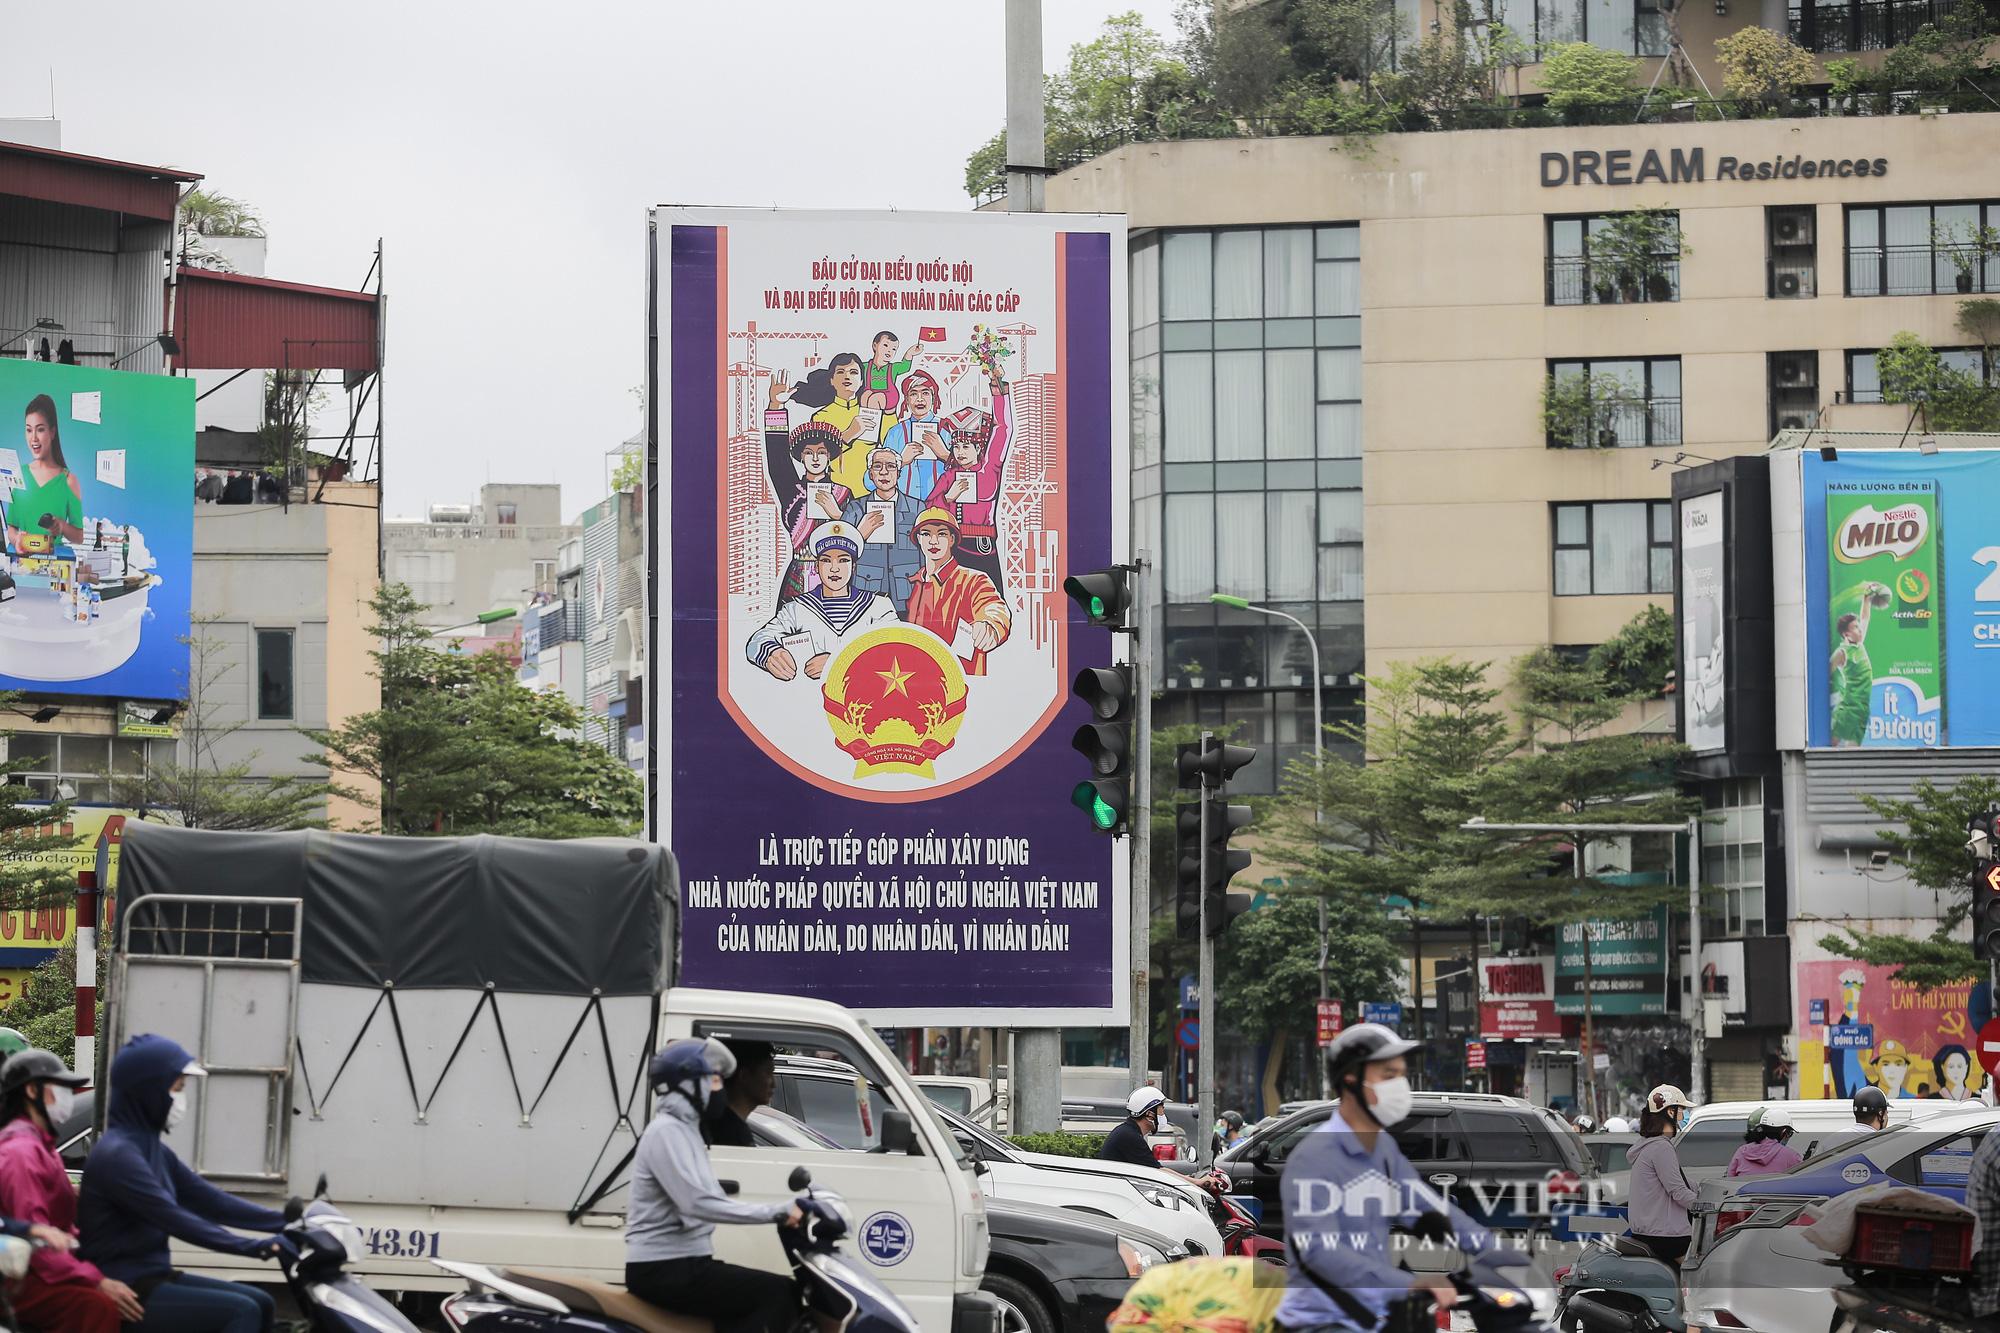 Đường phố Hà Nội trang hoàng rực rỡ trước ngày bầu cử - Ảnh 9.